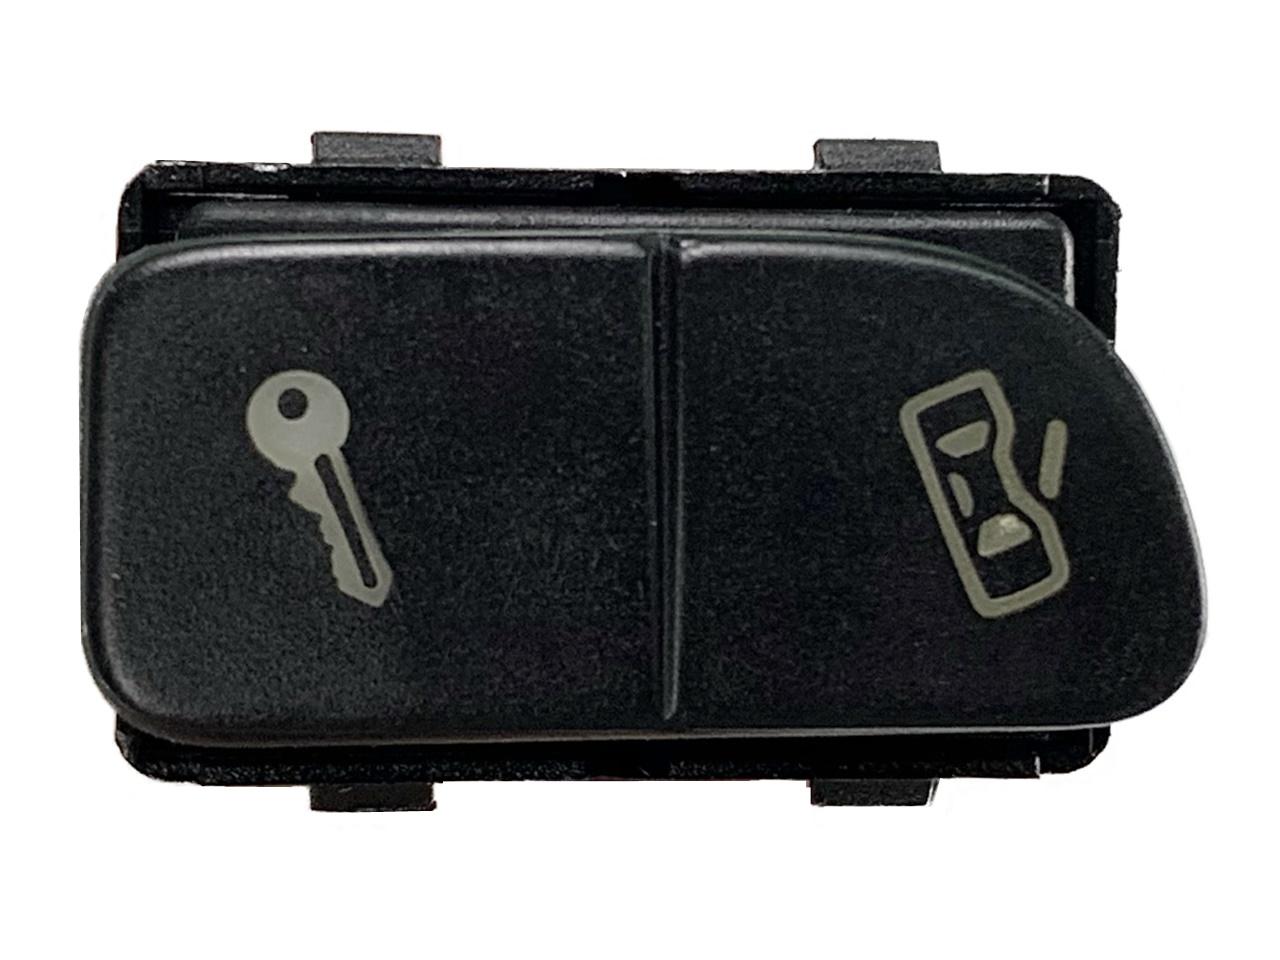 Botão Interruptor de Trava e Destrava da Porta 5z0962125 Vw Fox Cross Space 04 05 06 07 08